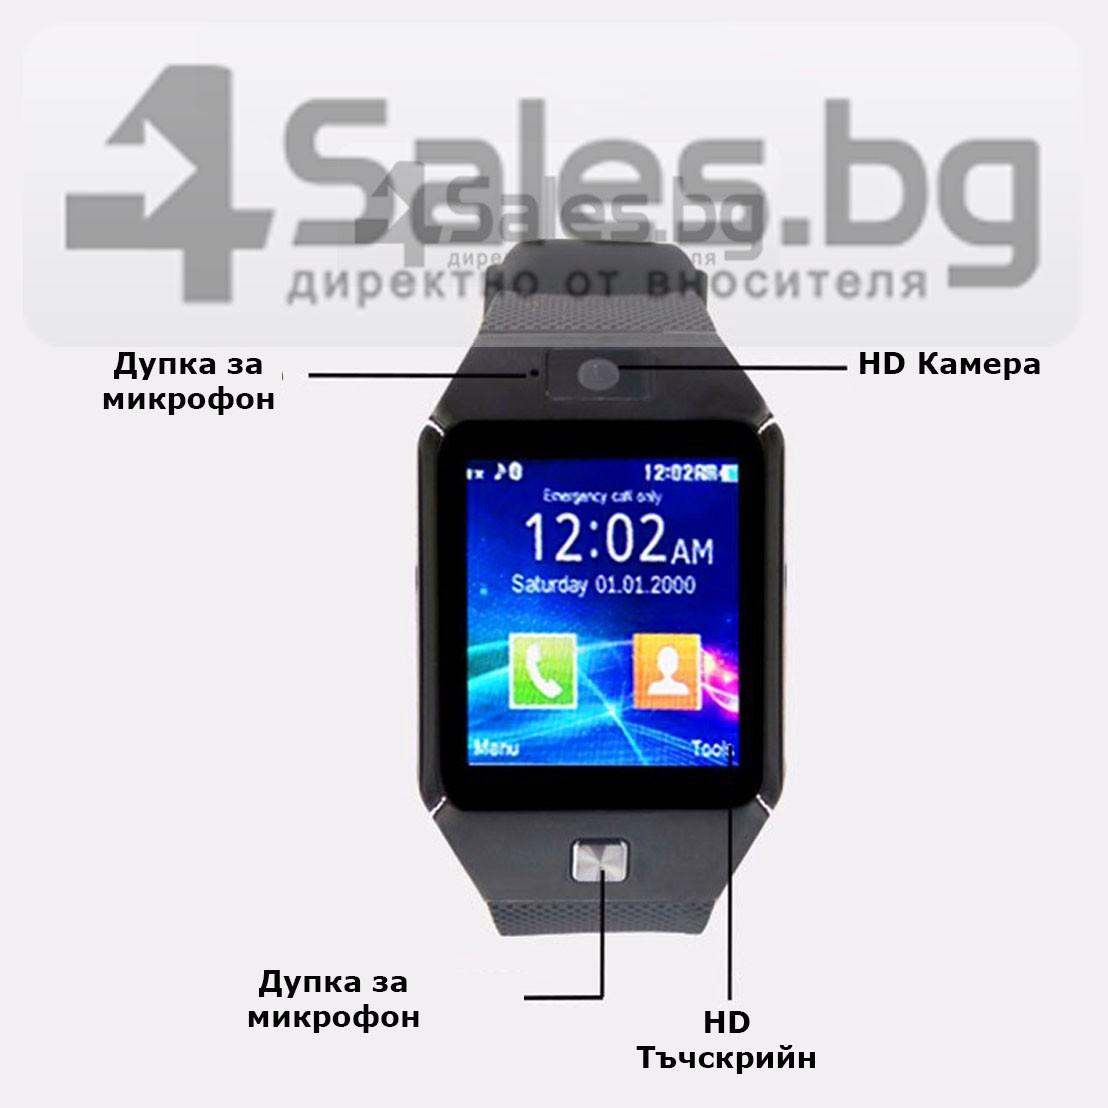 Смарт Часовник телефон с камера и сим карта Оригинален продукт dz09 на Български 58